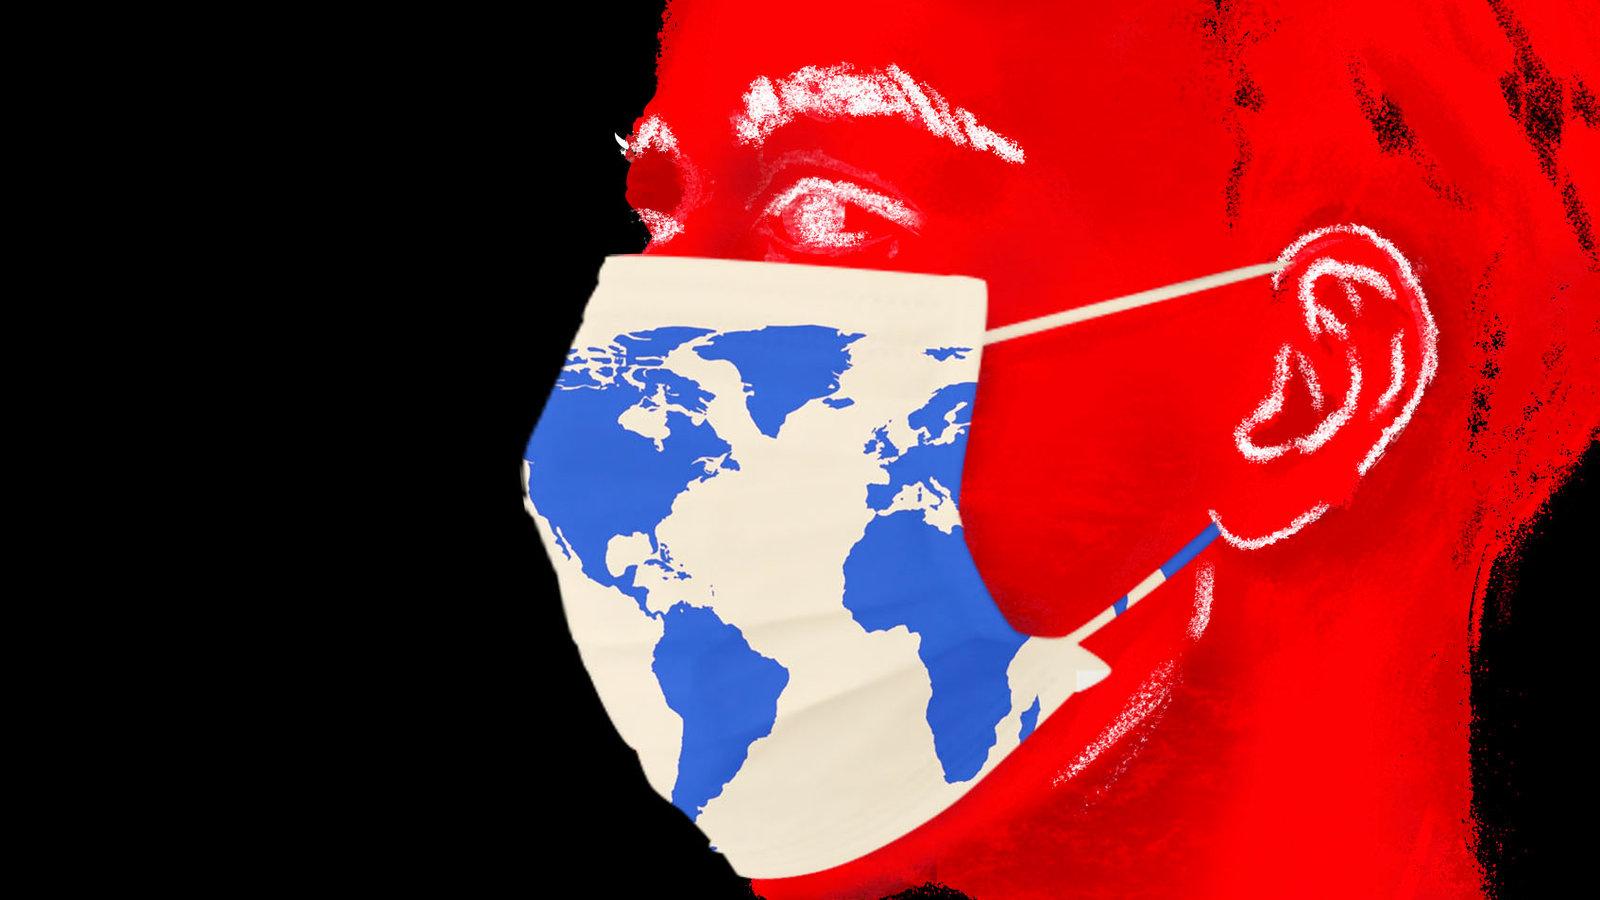 করোনায় ভেঙে পড়ছে গোটা পৃথিবী : আক্রান্ত ৮ লক্ষের বেশি মানুষ,মৃত ছাড়াল ৪০ হাজার